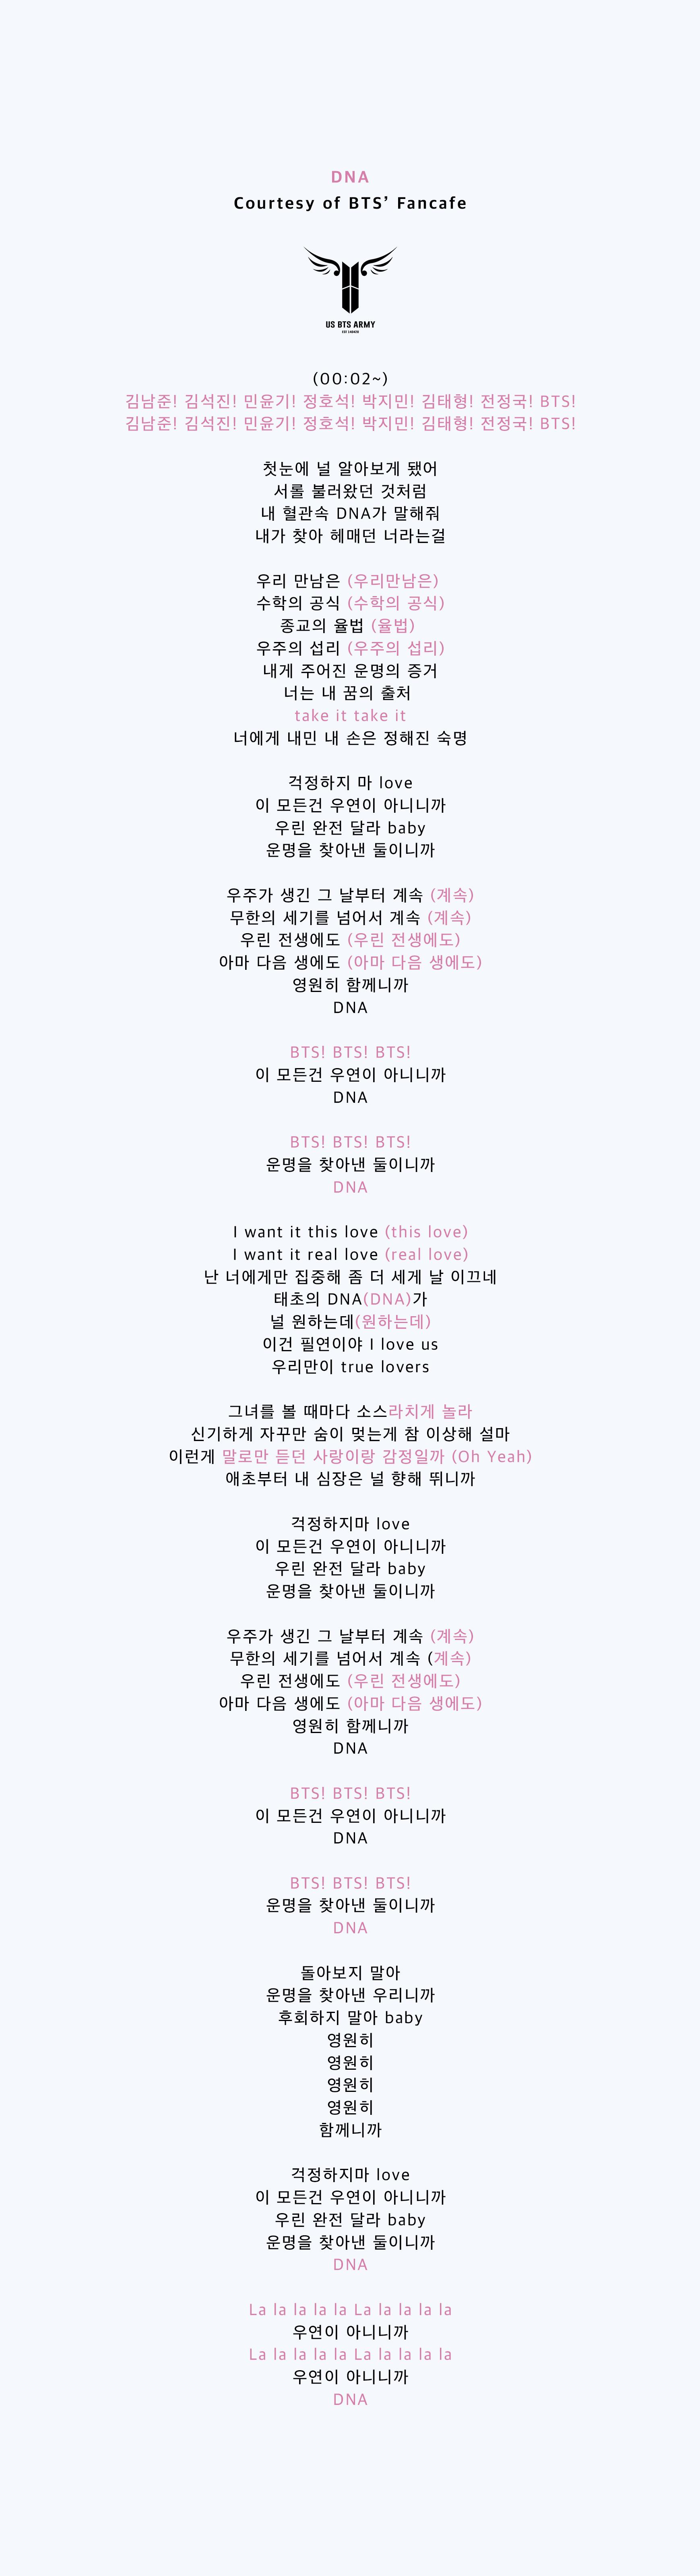 Dna Romanized Lyrics : romanized, lyrics, Fanchant